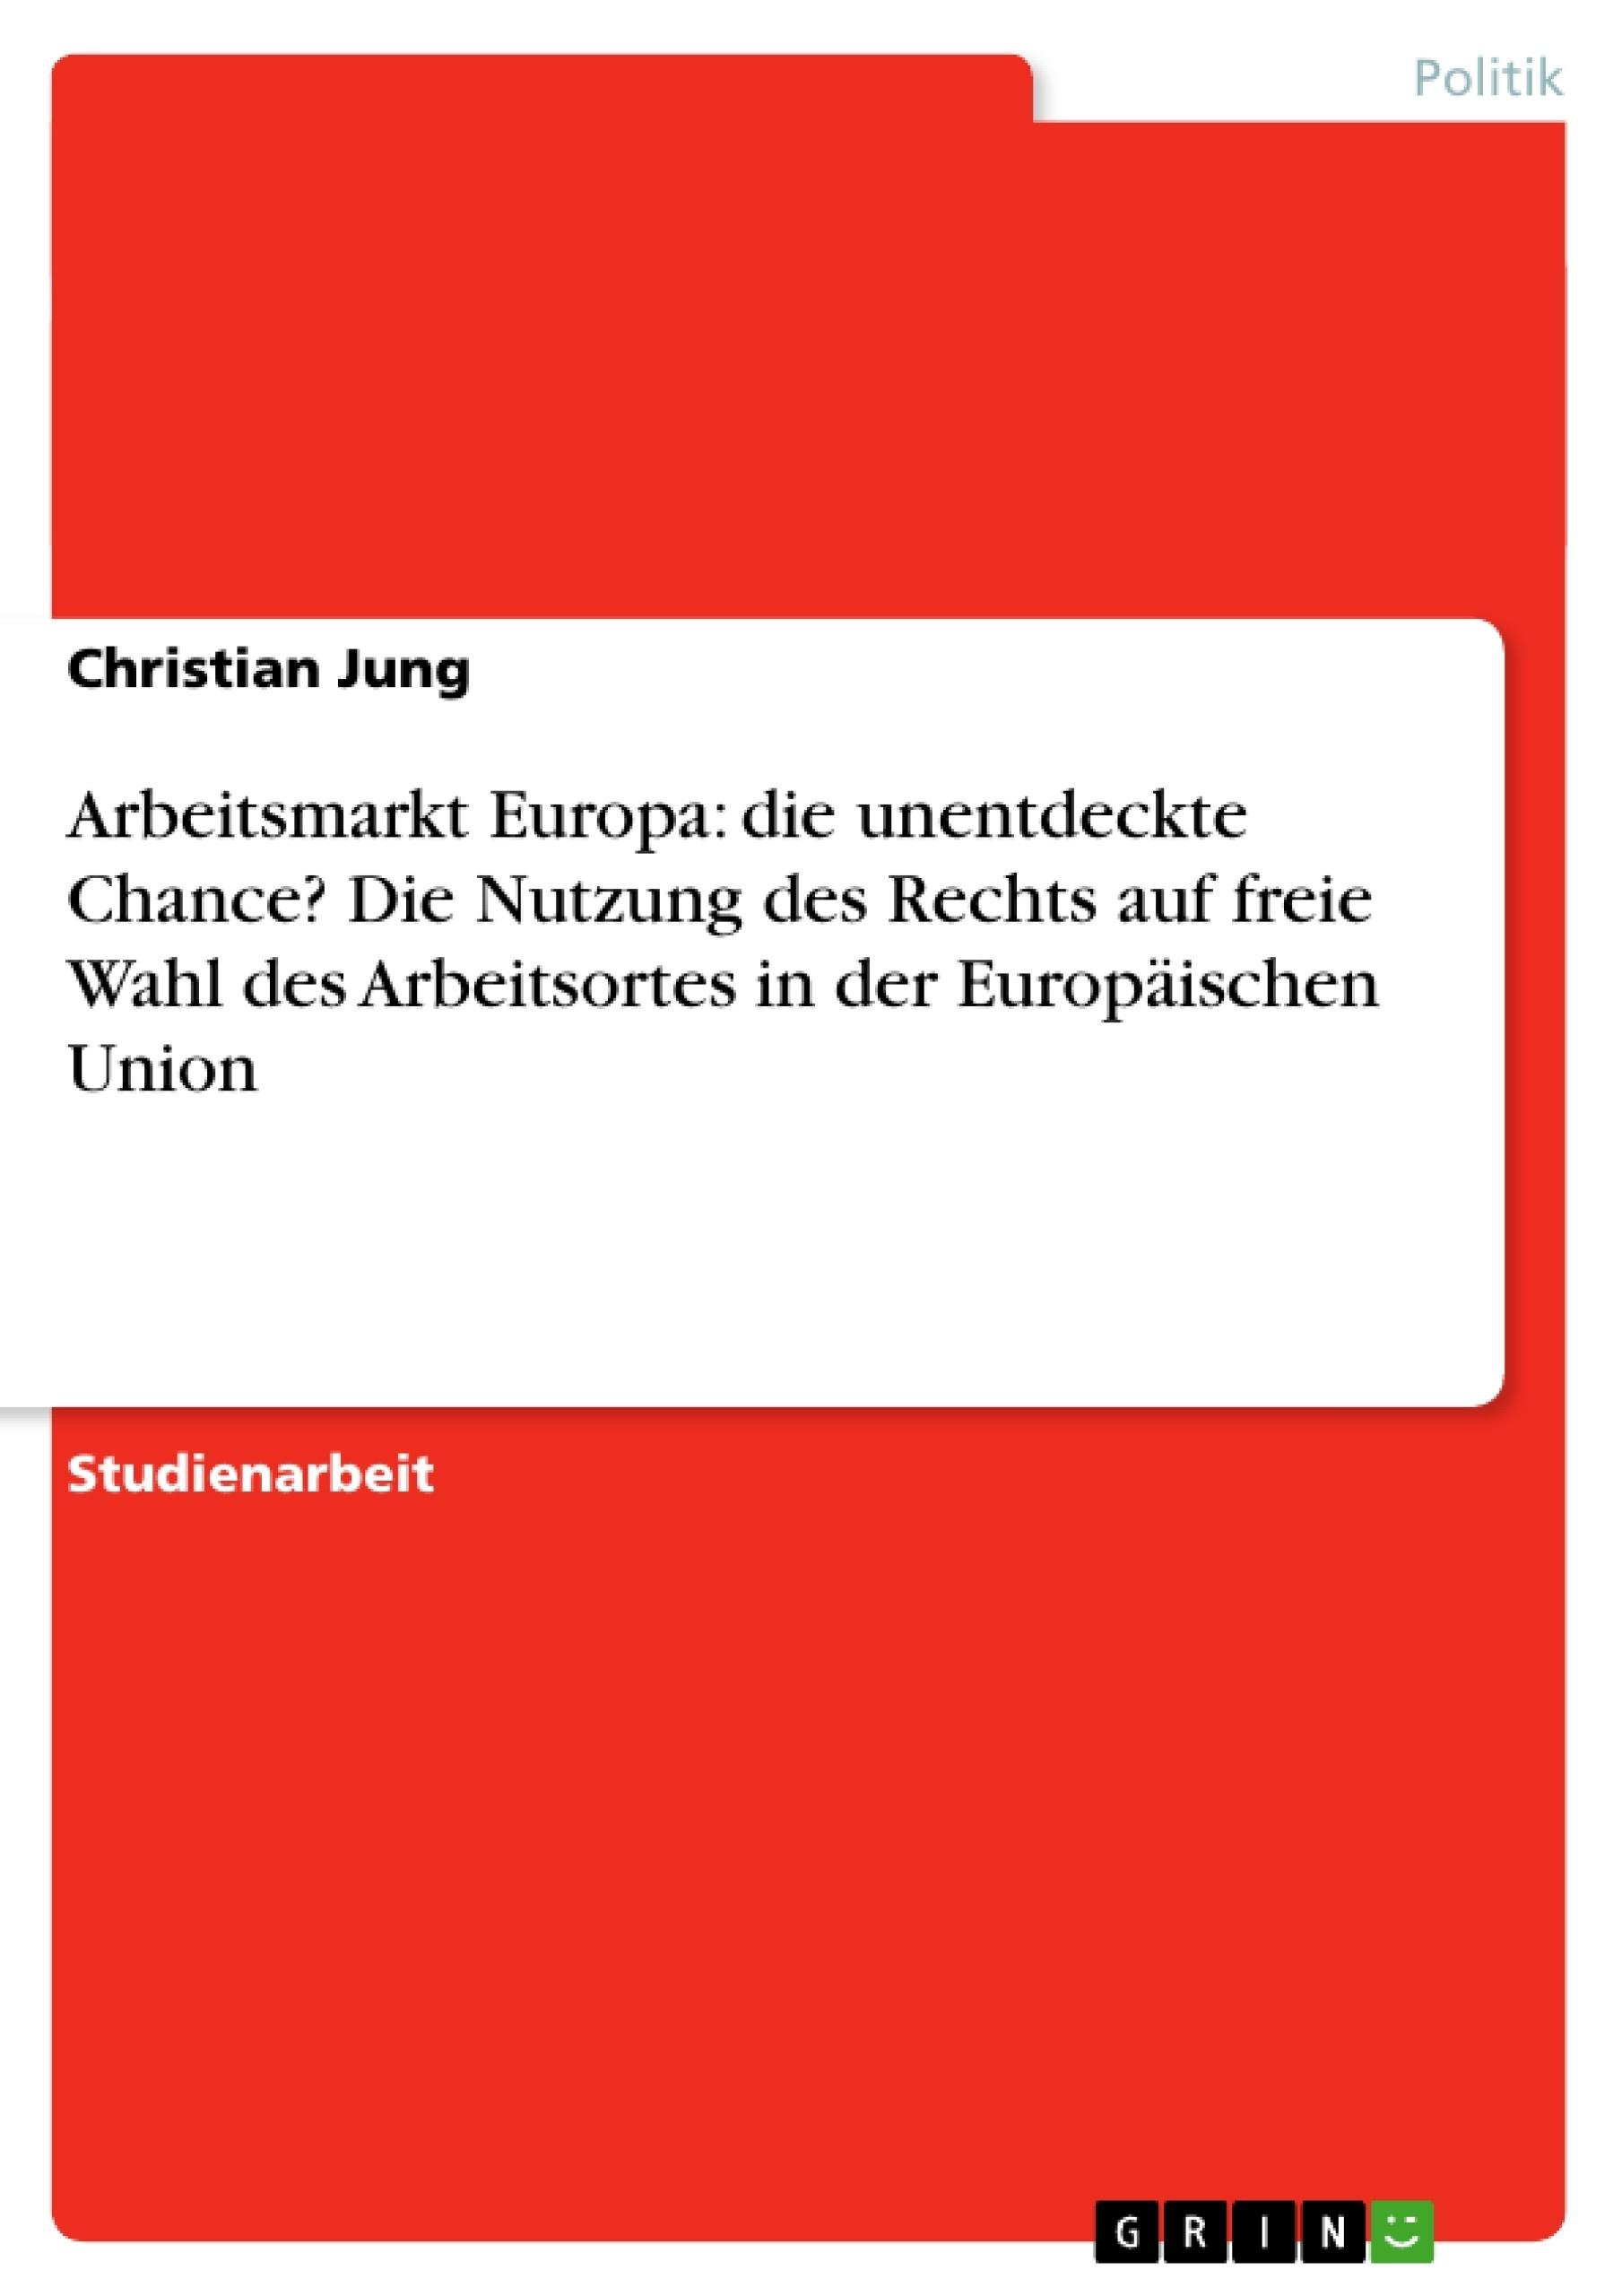 Titel: Arbeitsmarkt Europa: die unentdeckte Chance? Die Nutzung des Rechts auf freie Wahl des Arbeitsortes in der Europäischen Union